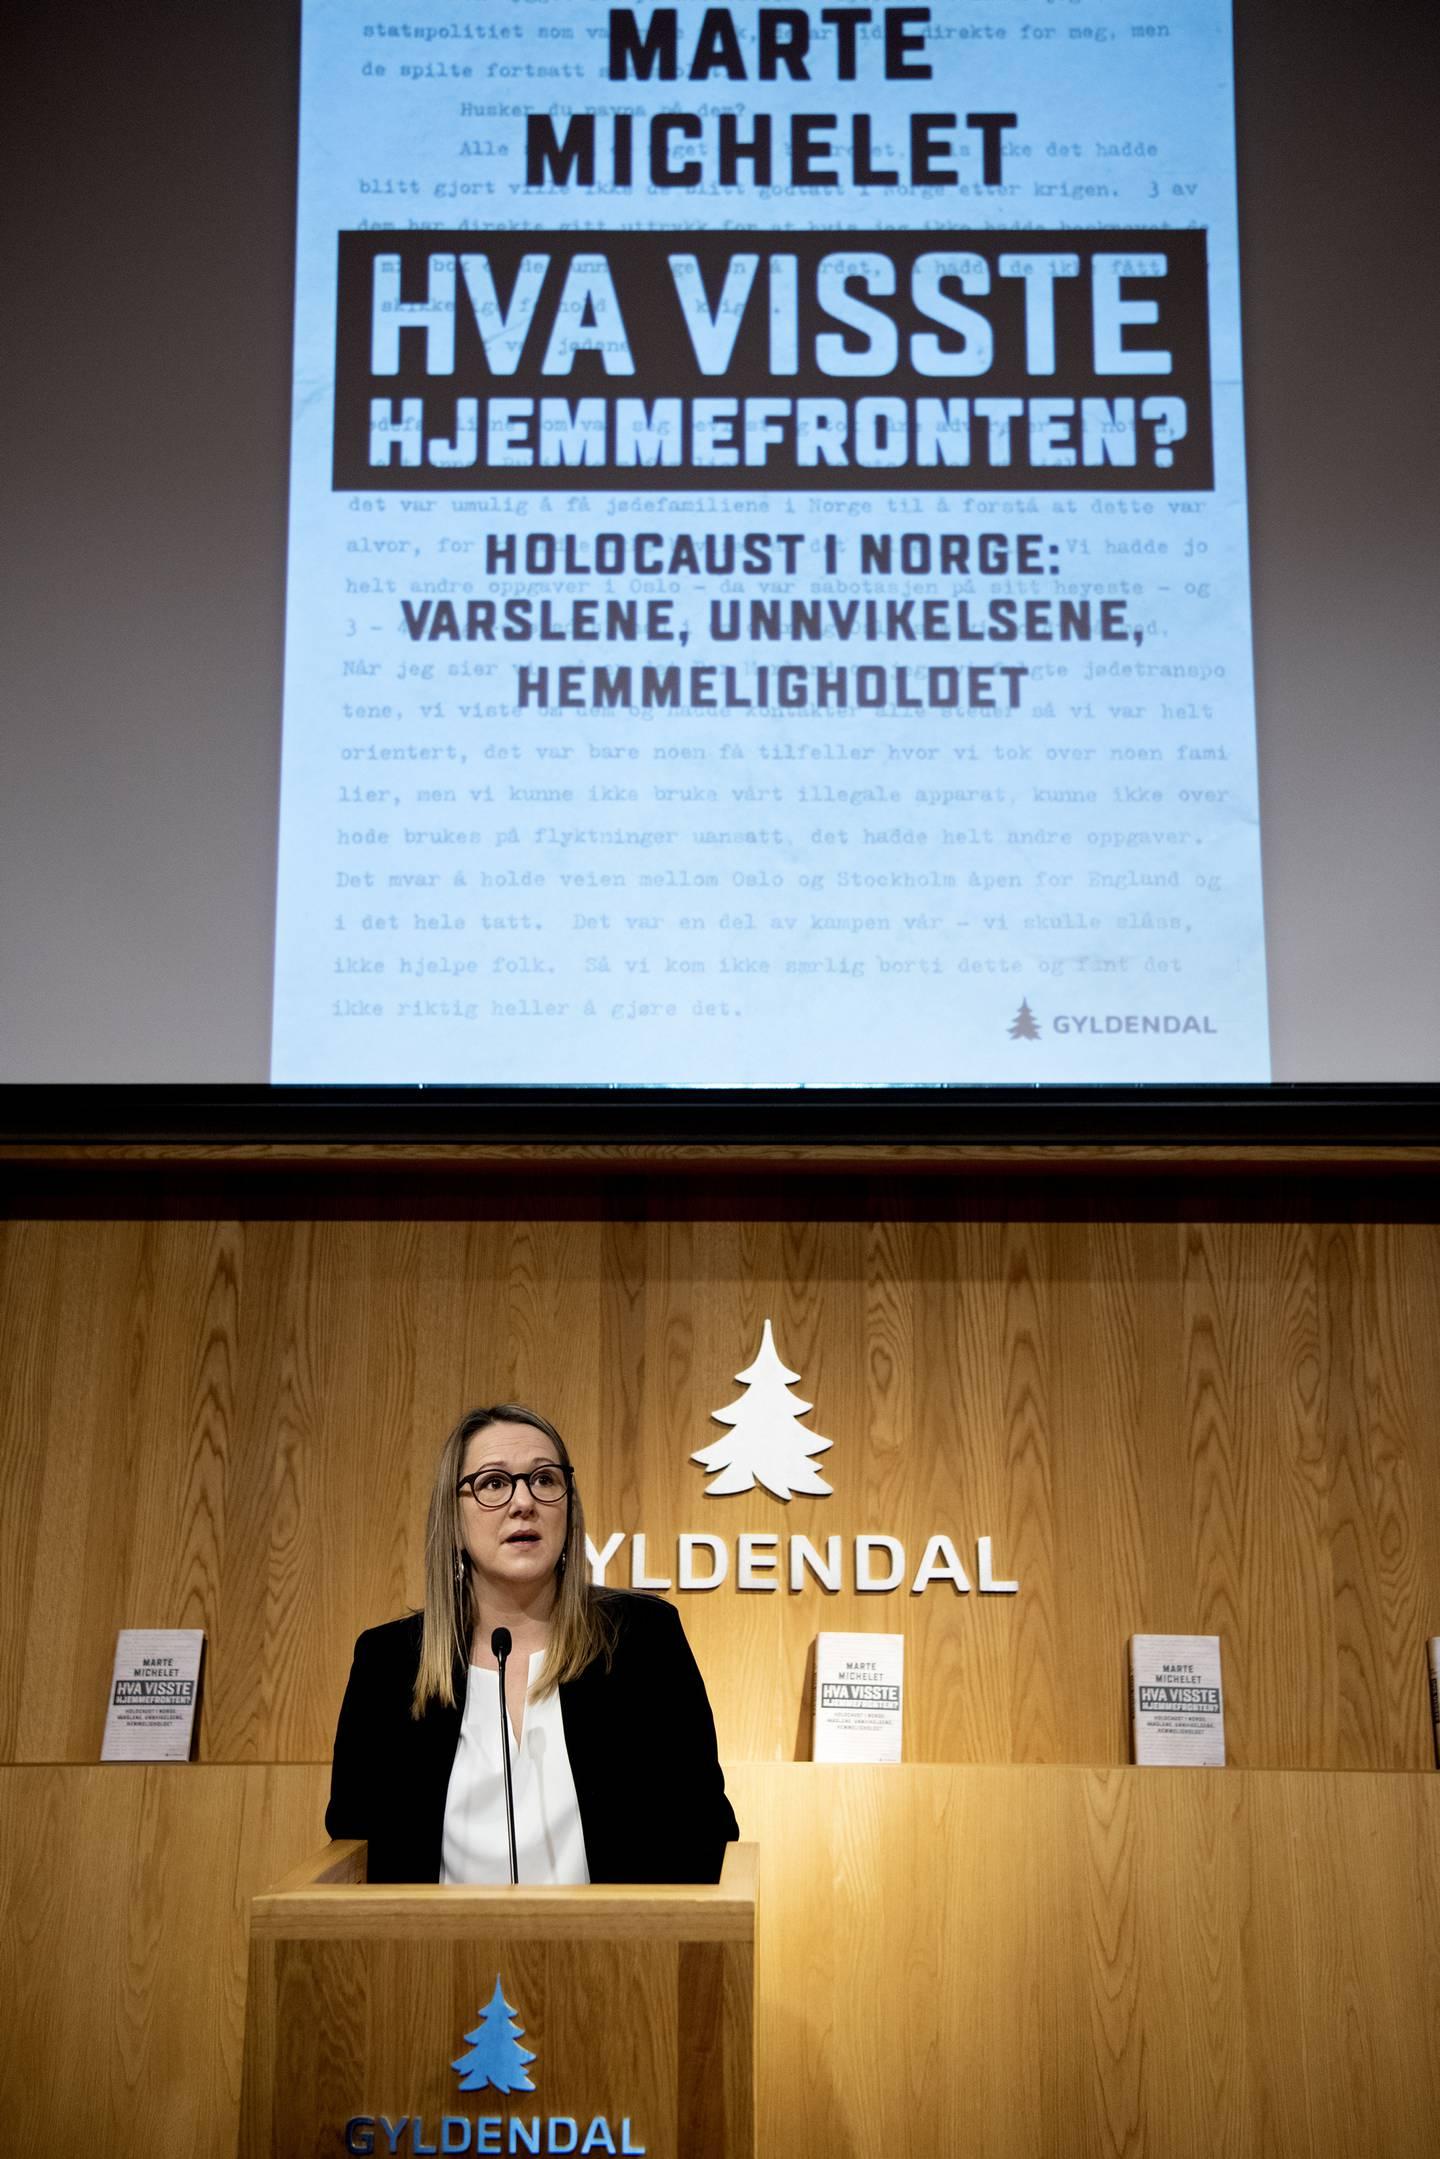 Marte Michelet. Forfatter. Utkommer med boka Hva visste hjemmefronten? Holocaust i Norge: varslene, unnvikelsene, hemmeligholdet.